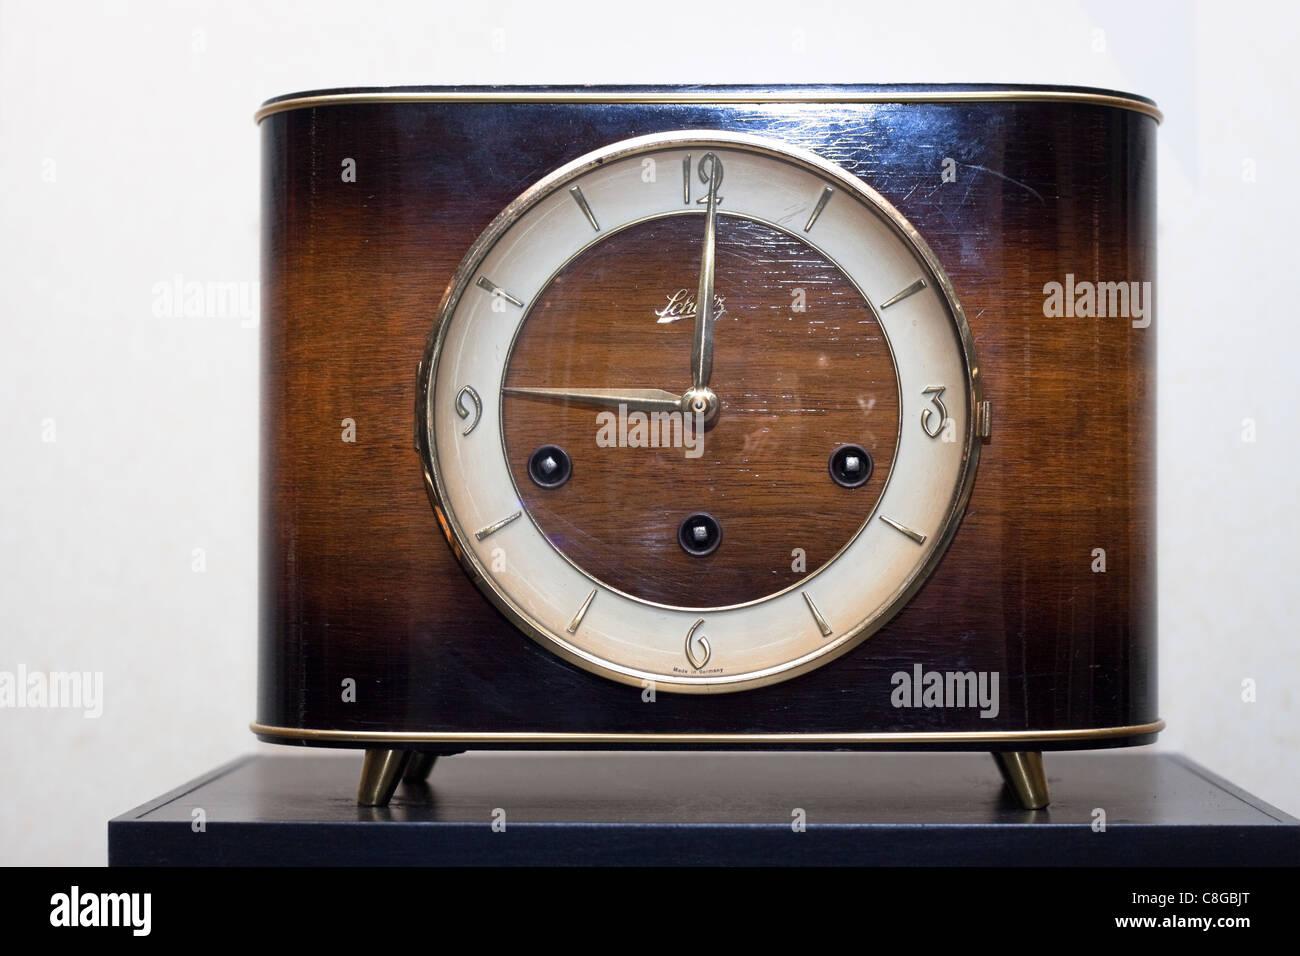 German elegant antique clock. - Stock Image